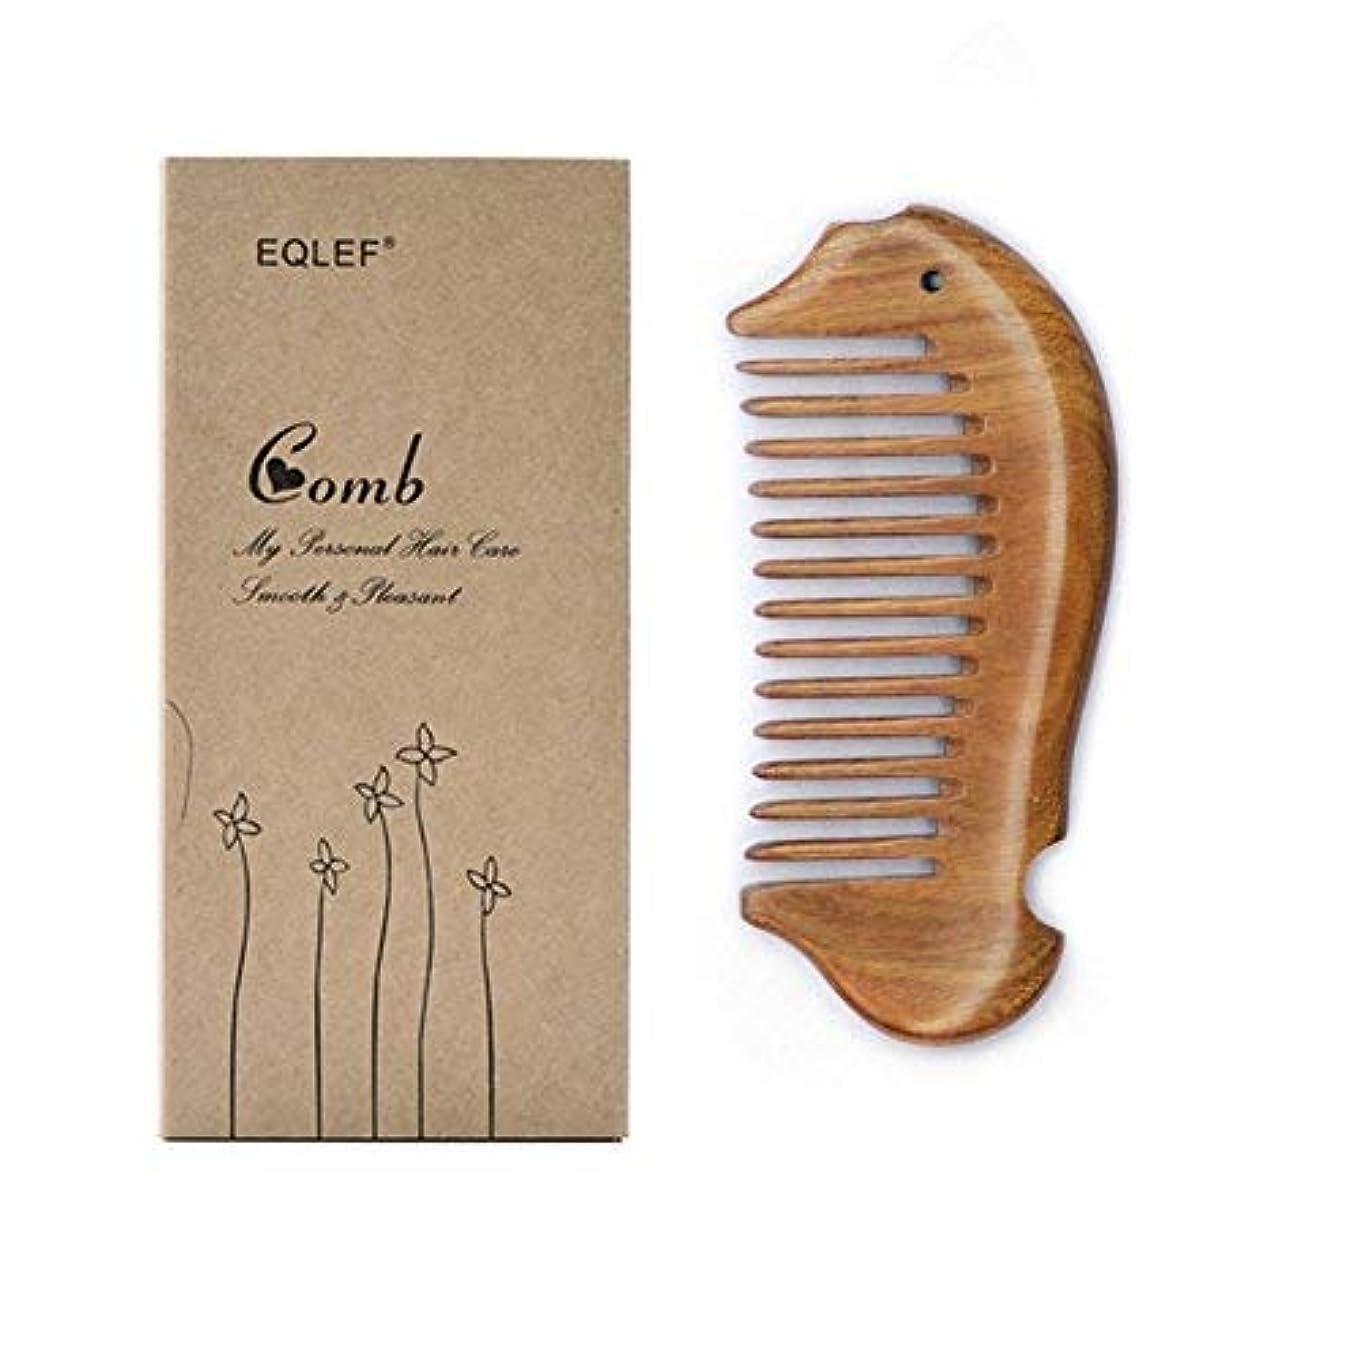 チョップハリウッド一部EQLEF? Fish shape Beard Comb Wooden Comb wide Tooth Green Sandalwood Pocket Comb Small Hair Comb Hair Brush [並行輸入品]